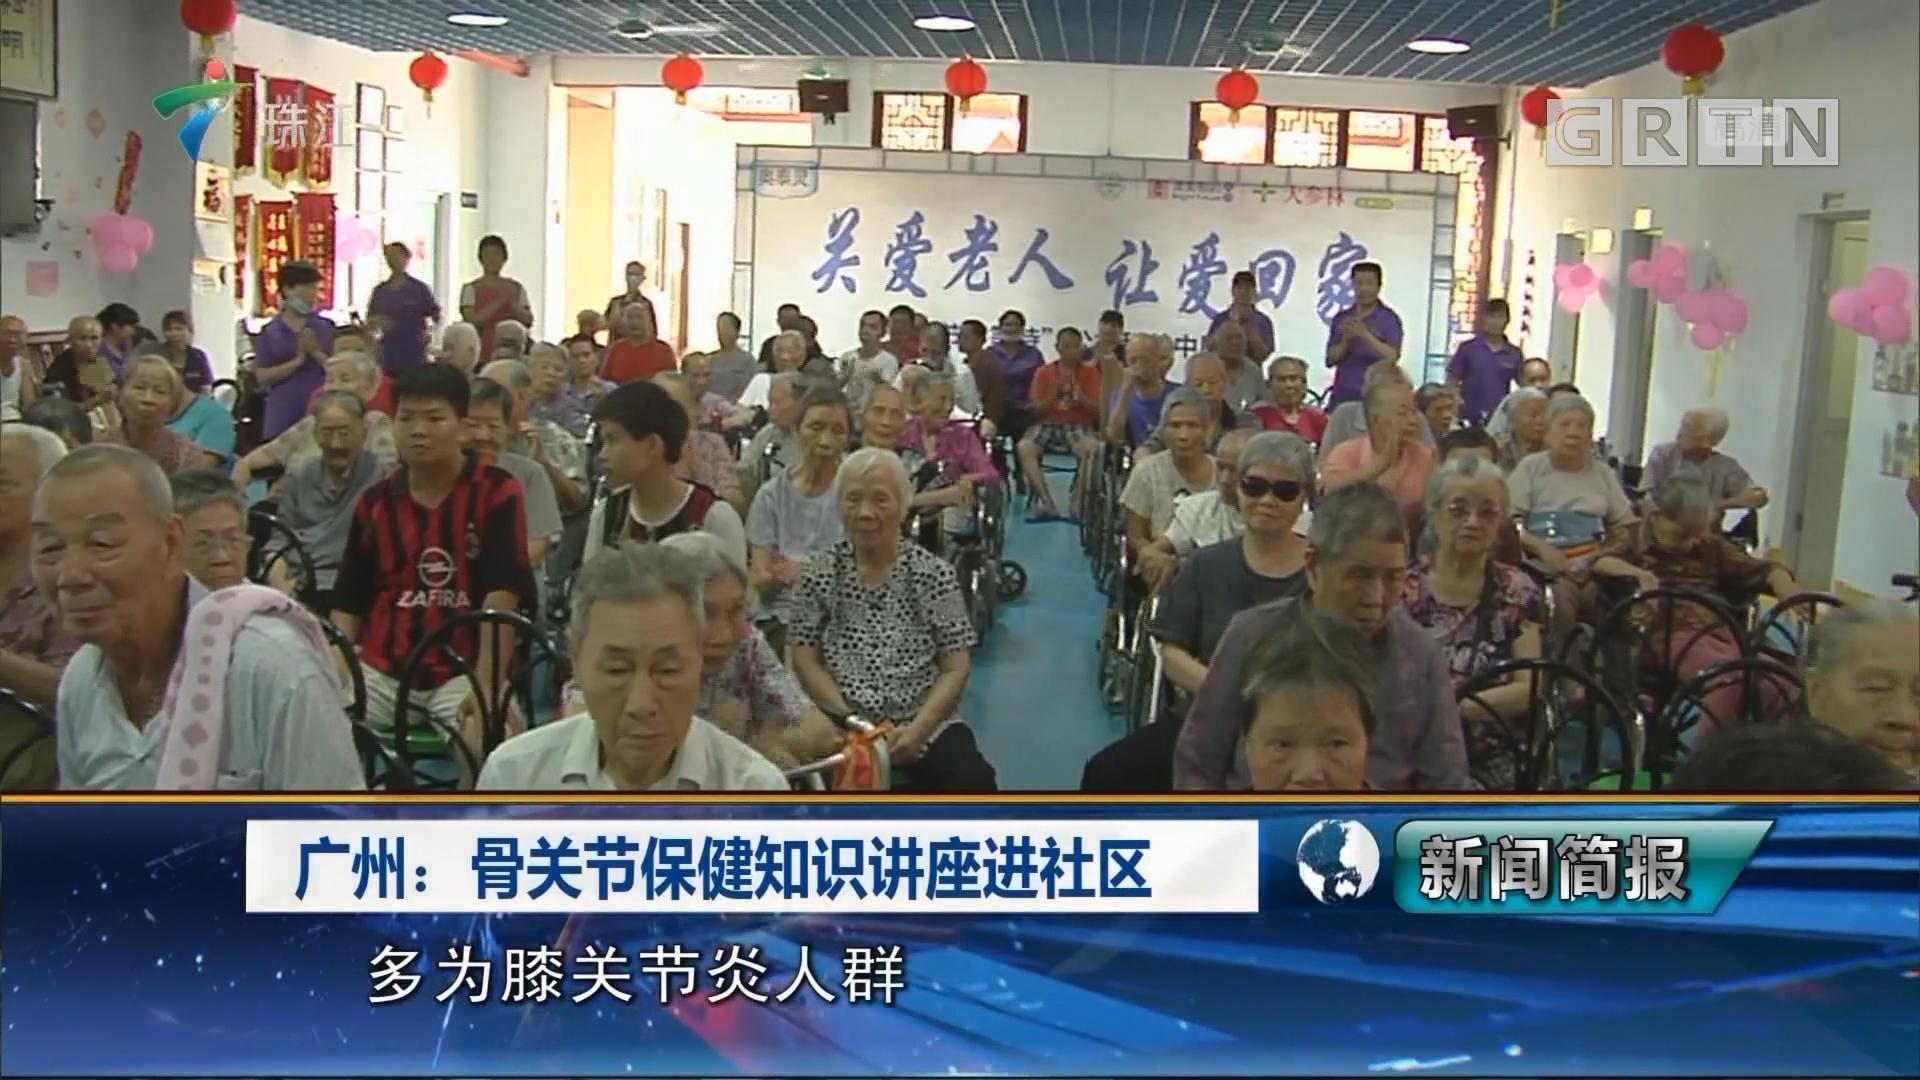 广州:骨关节保健知识讲座进社区